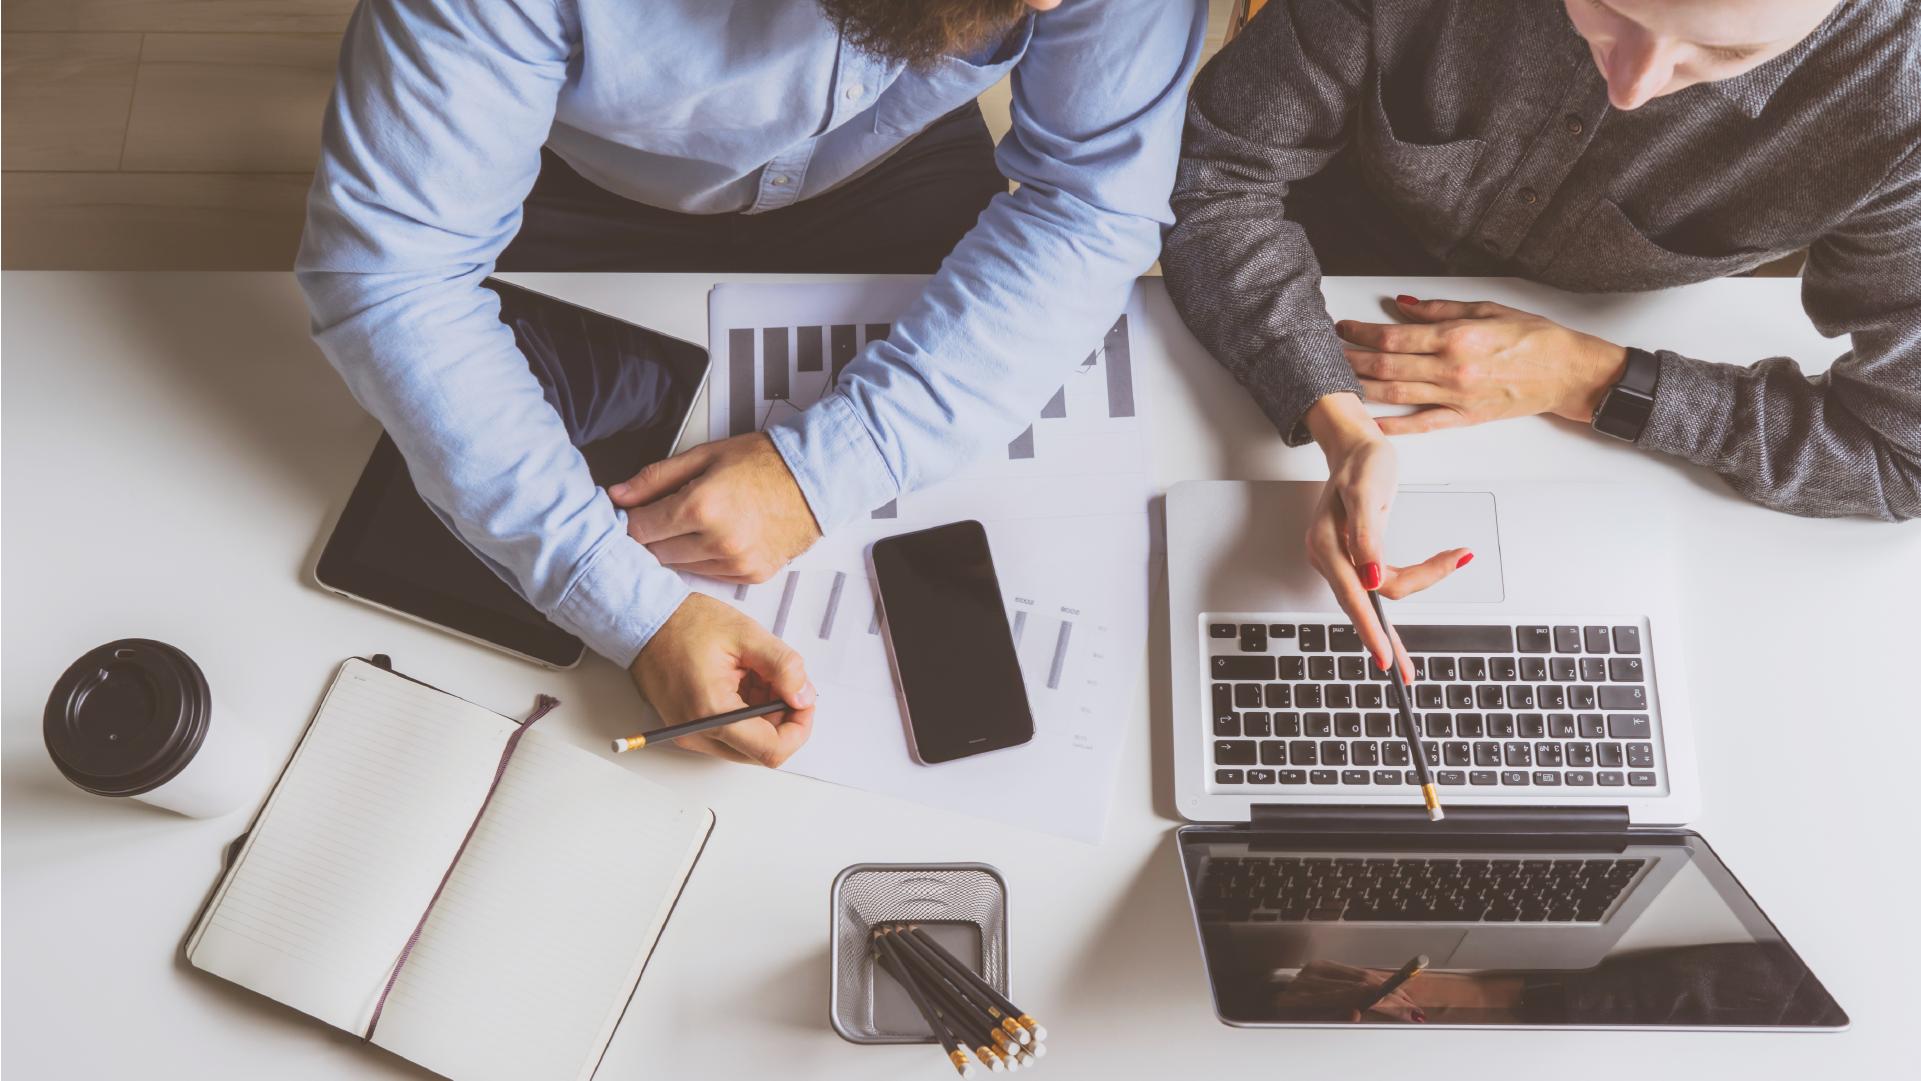 Está em dúvida sobre contratar uma consultoria de investimentos? Faça essas 4 Perguntas antes de tomar uma decisão